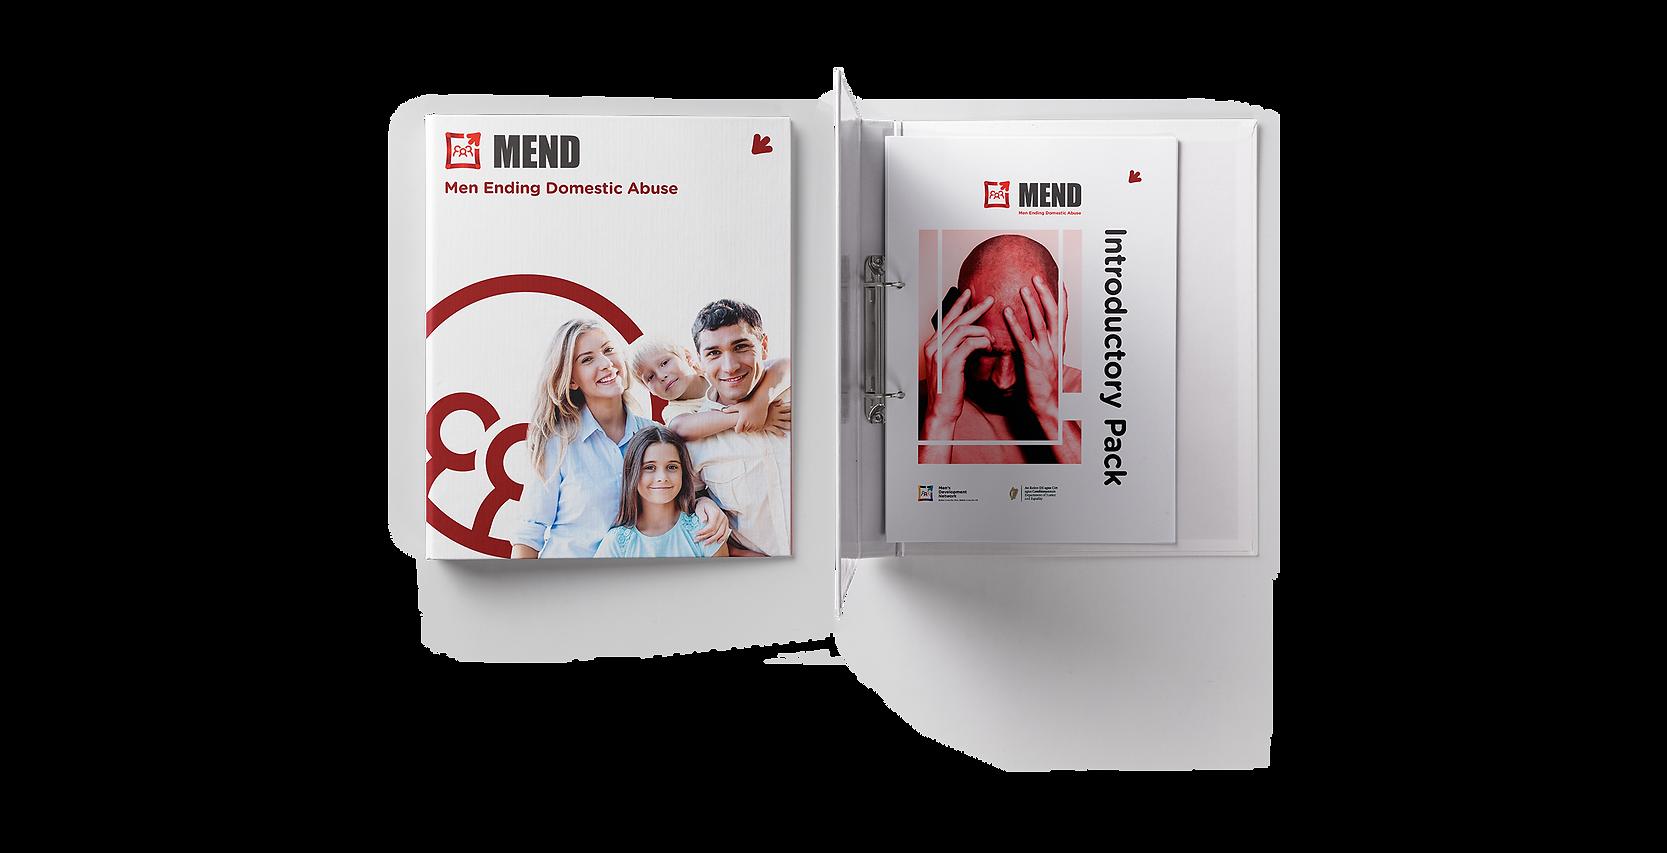 Binder-Stationery-Brand-Mockup002.png